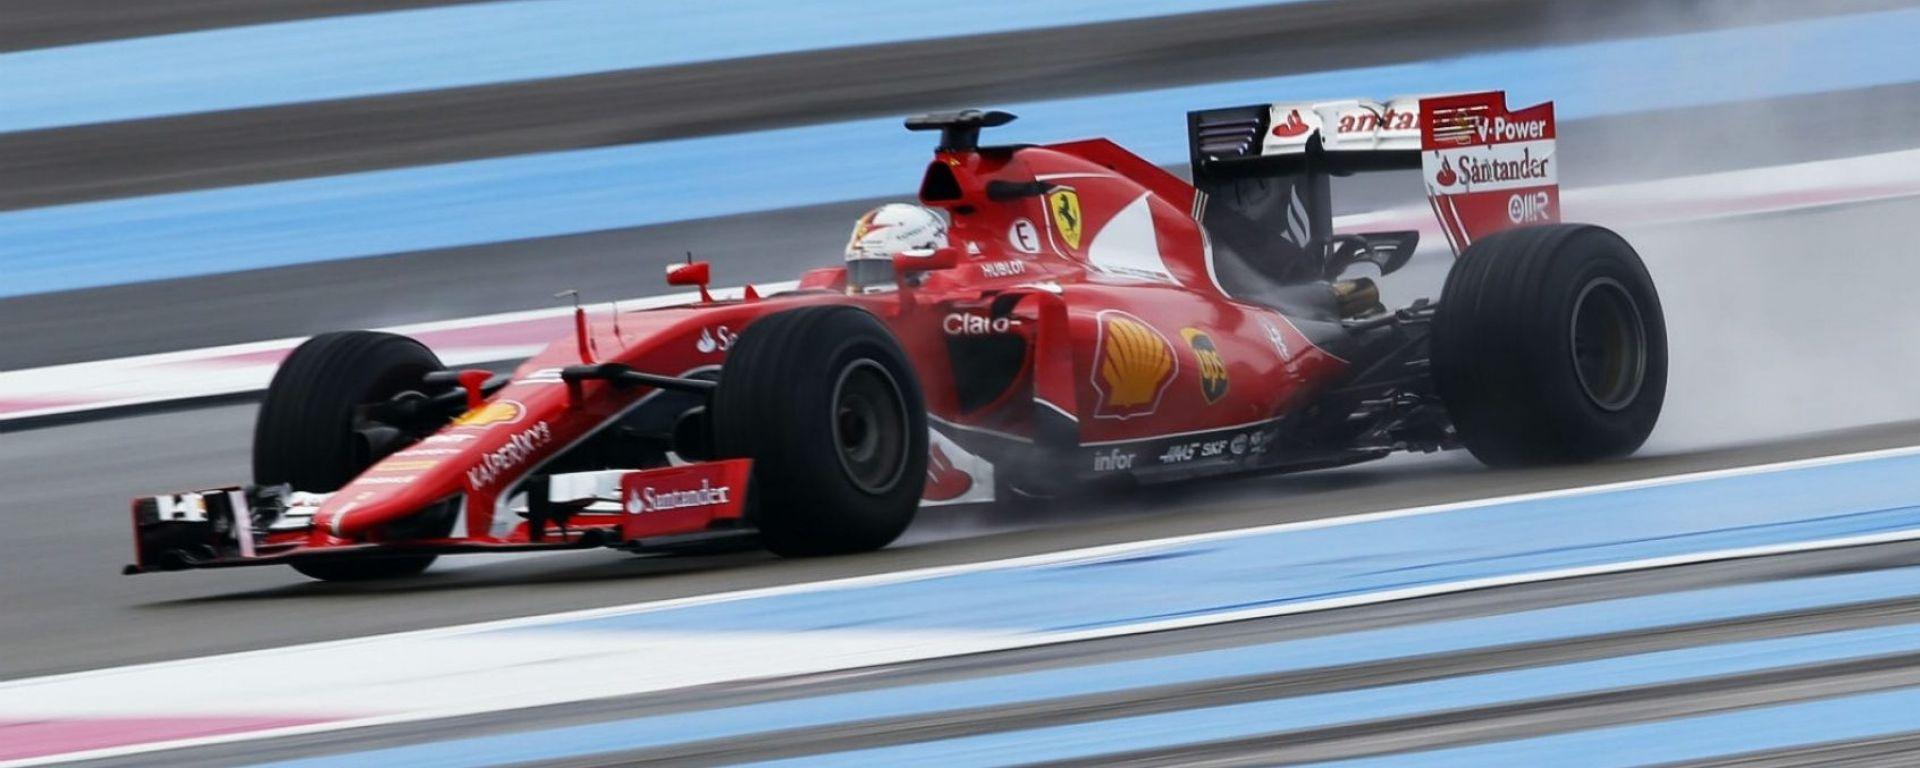 La Ferrari testa gli pneumatici Pirelli al Paul Ricard nel 2016